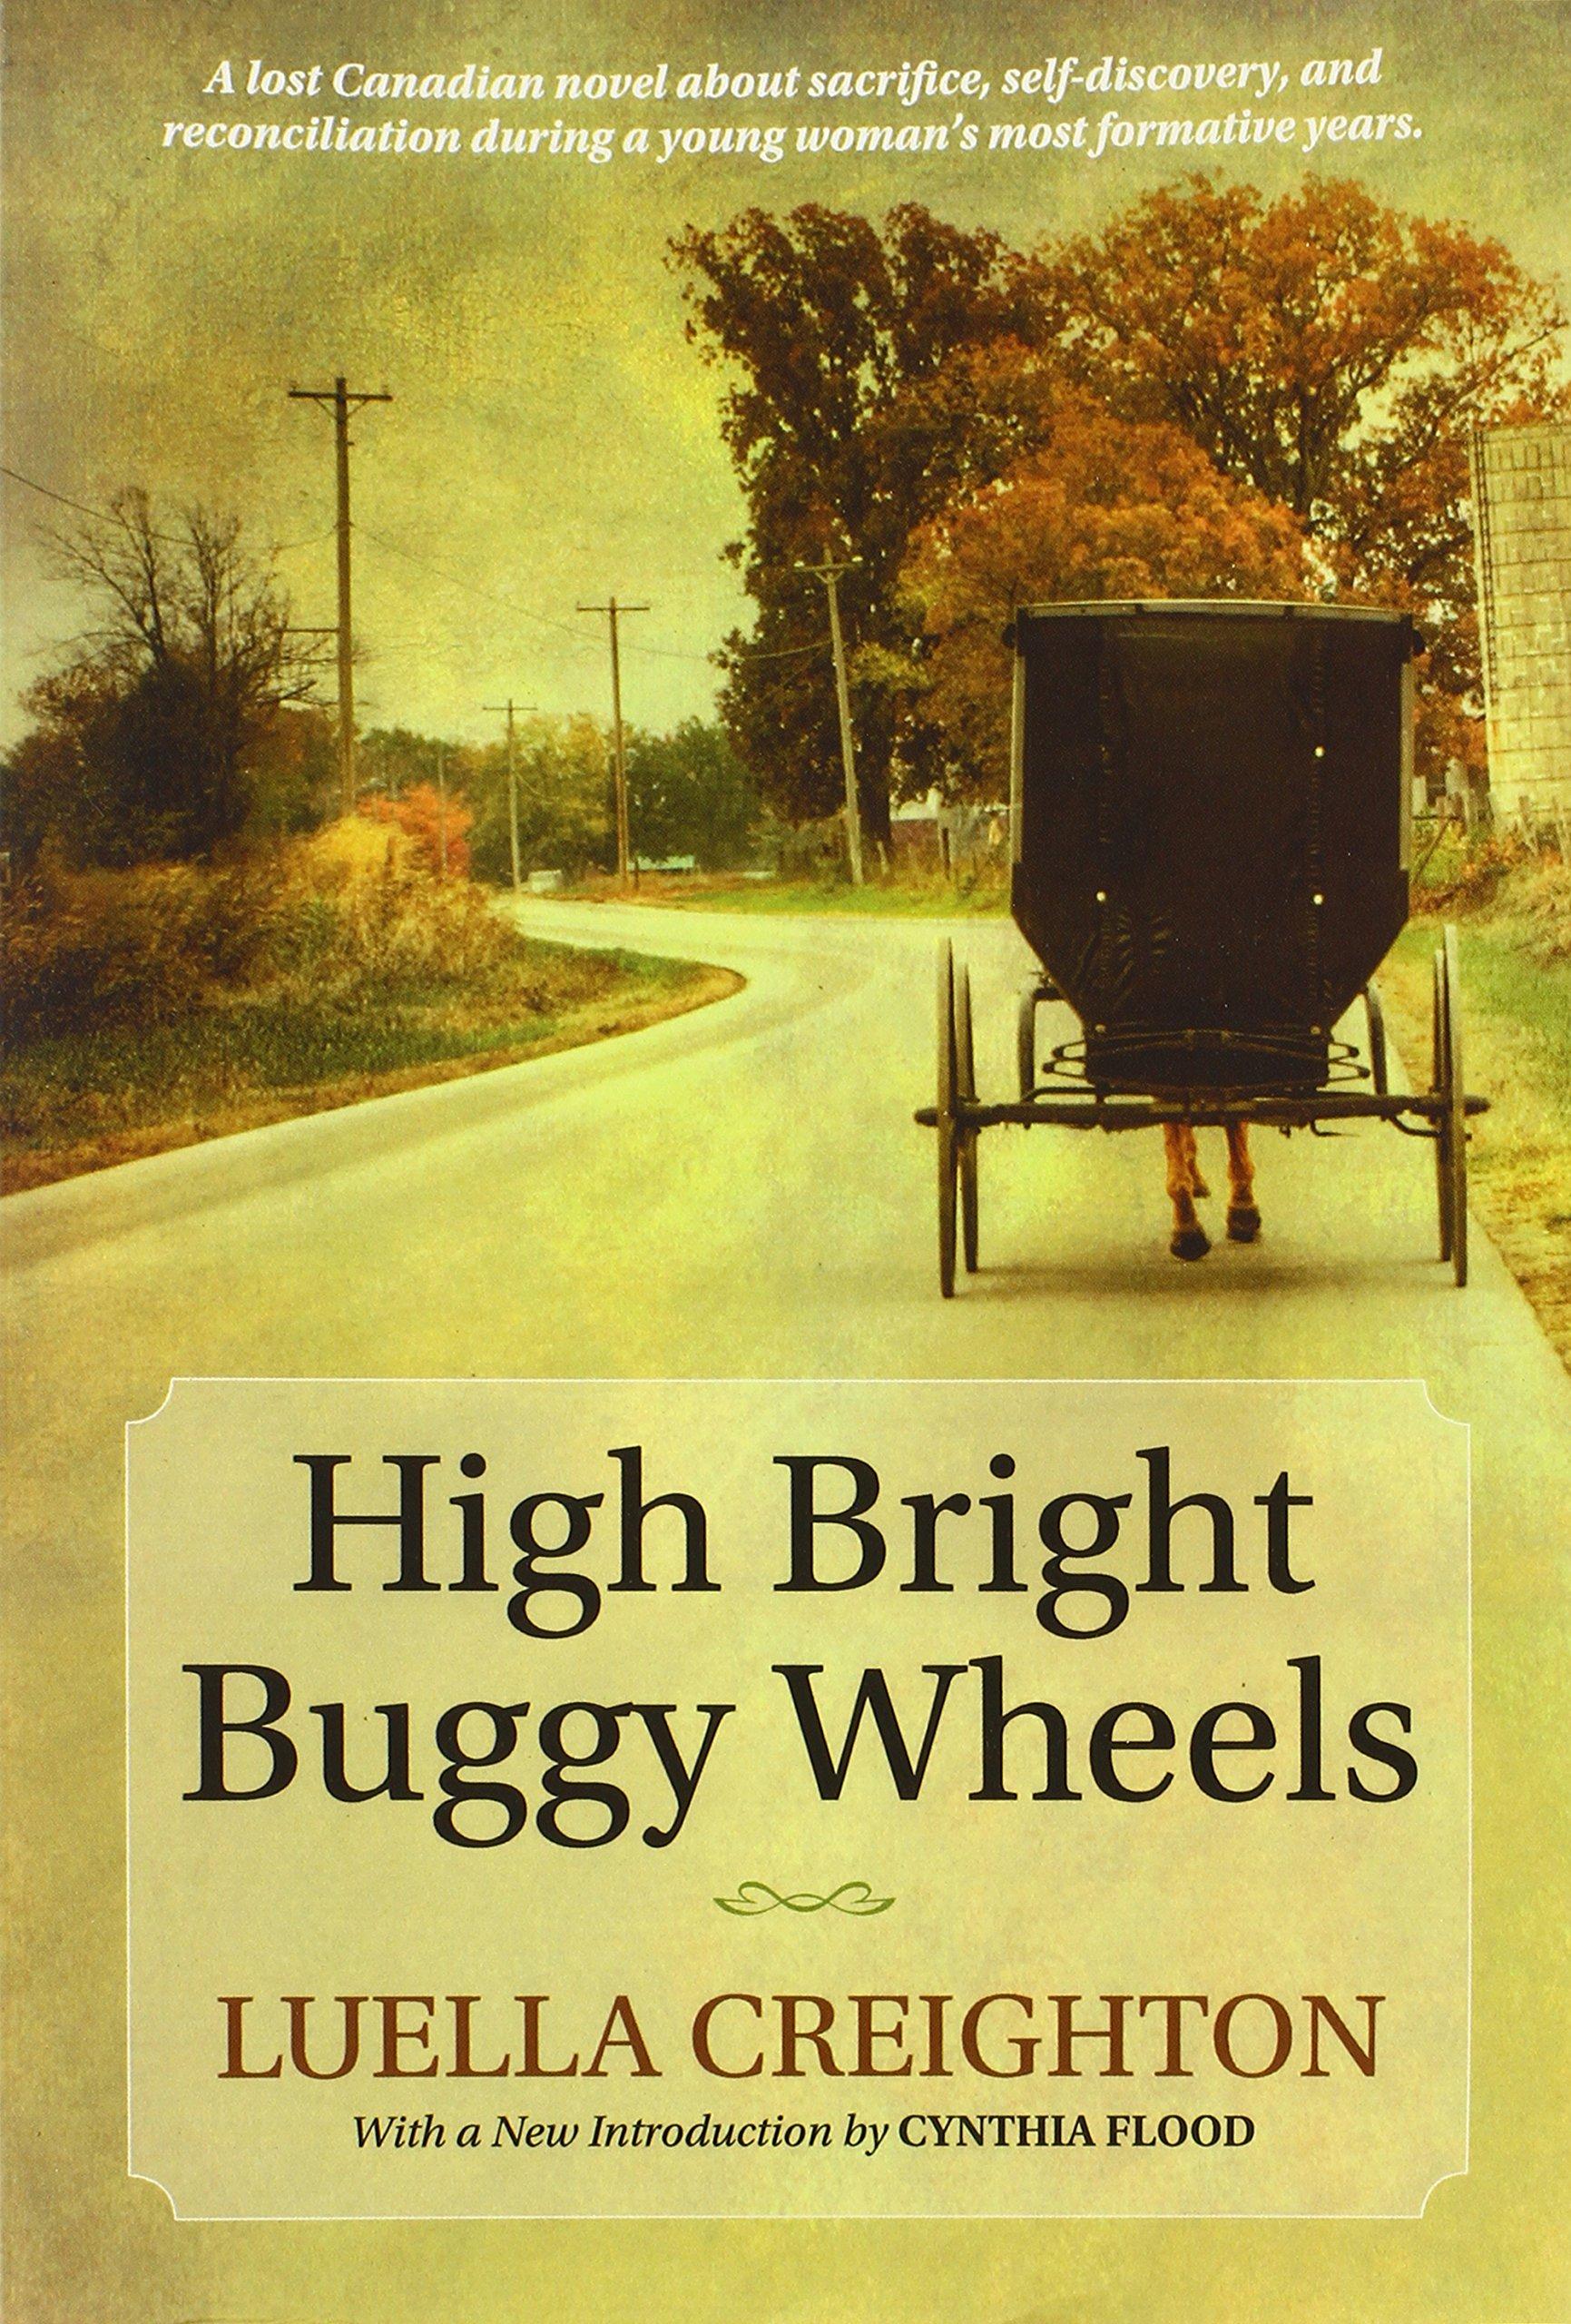 High Bright Buggy Wheels (Wynford Books) pdf